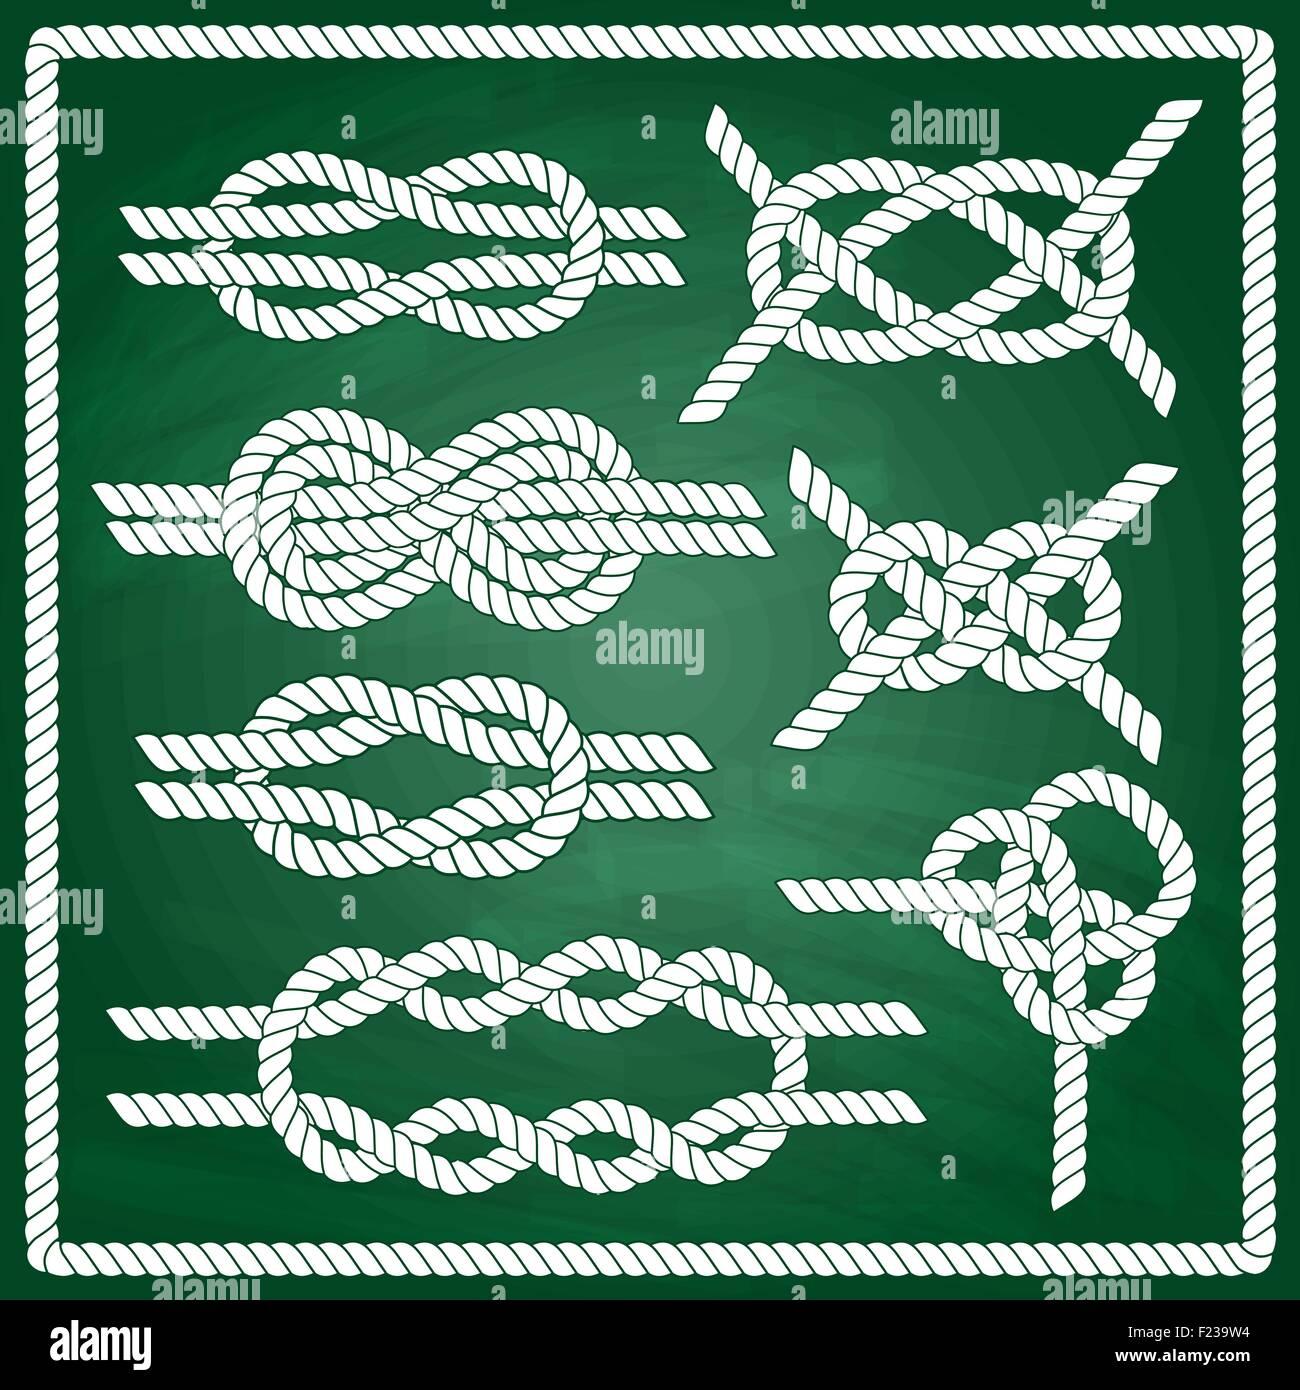 Sailor knot set. - Stock Vector